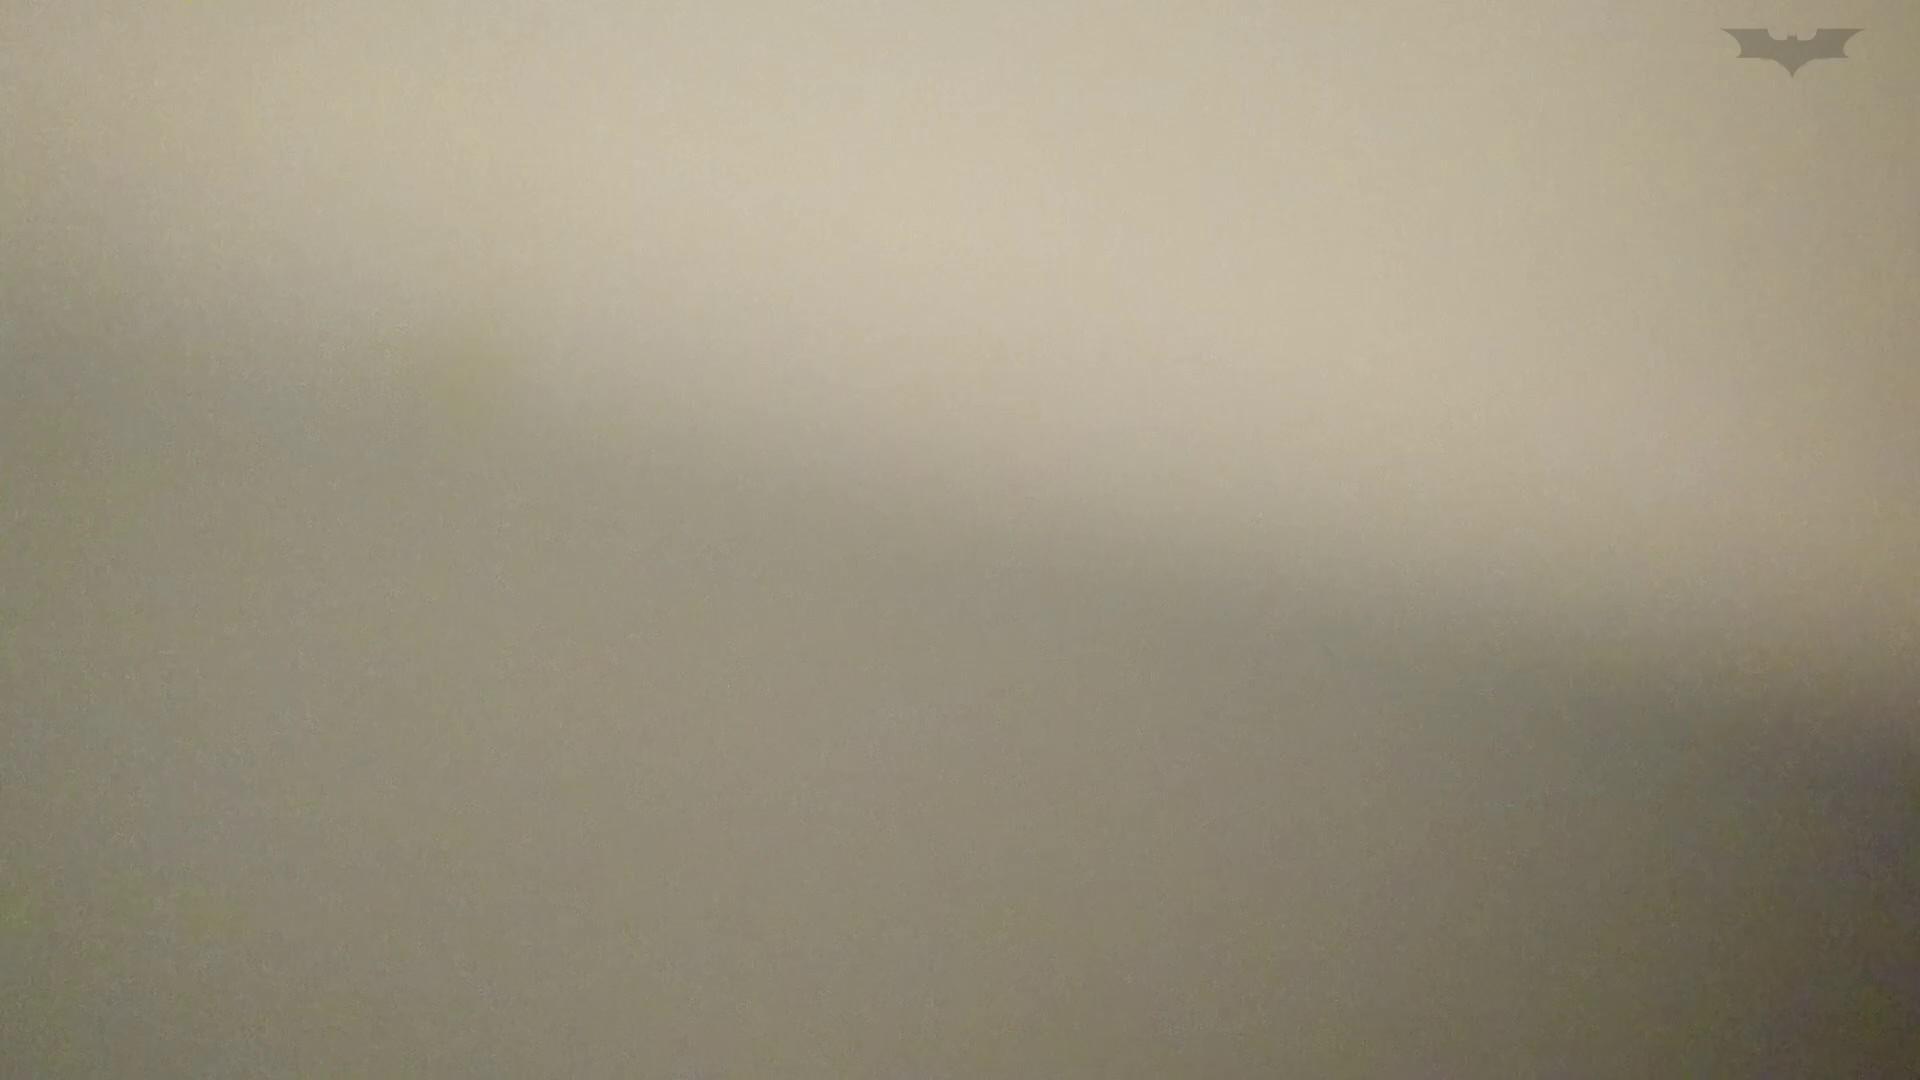 ヤリマンのオマンコ:化粧室絵巻 ショッピングモール編 VOL.23 若いギャルが登場!:怪盗ジョーカー